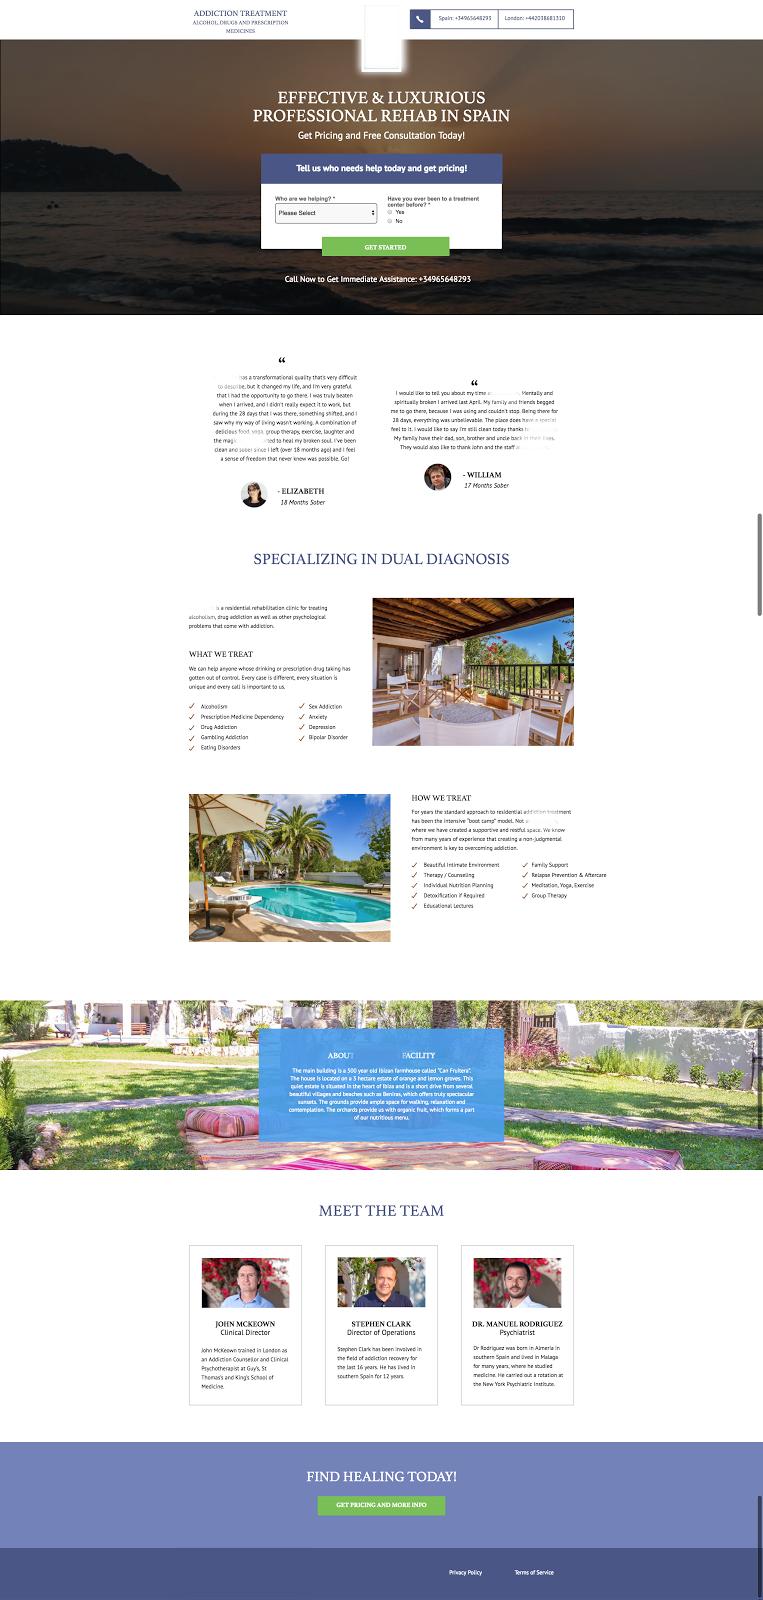 A client landing page built for success.